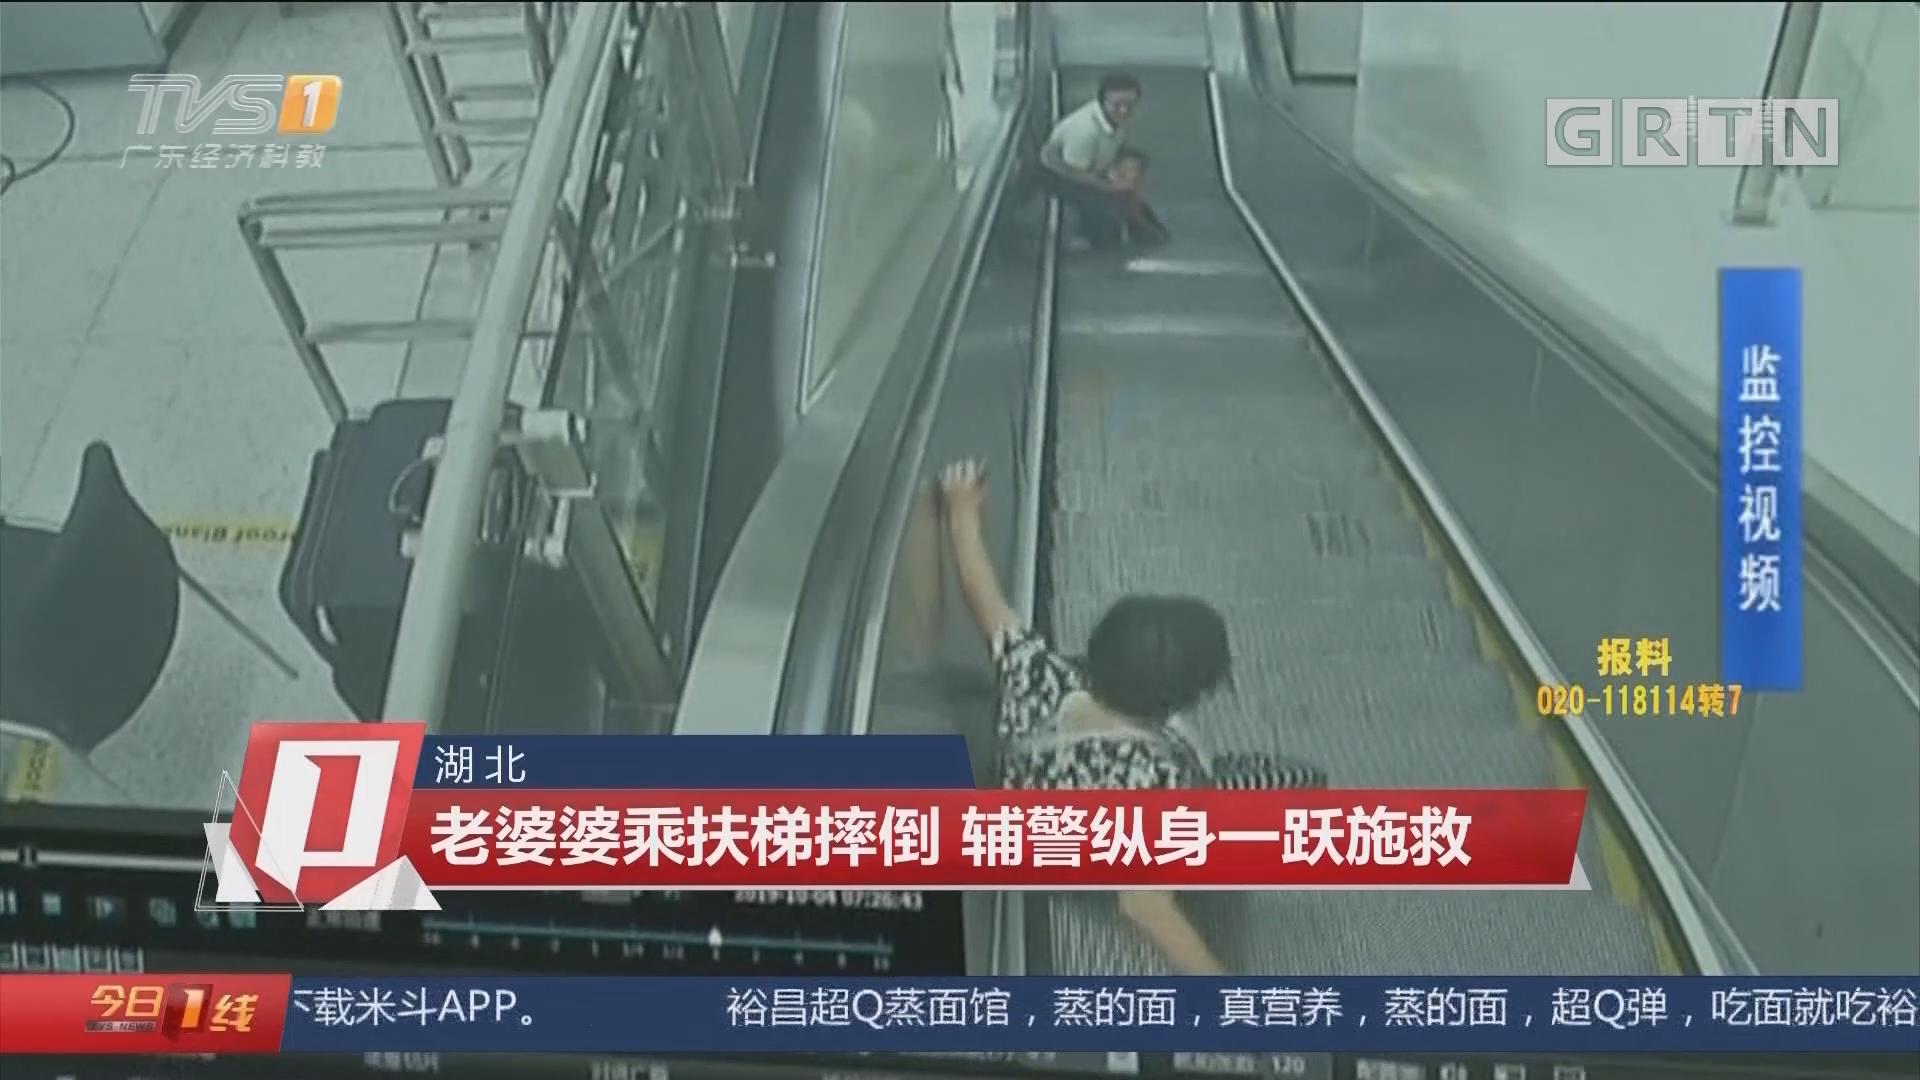 湖北:老婆婆乘扶梯摔倒 辅警纵身一跃施救